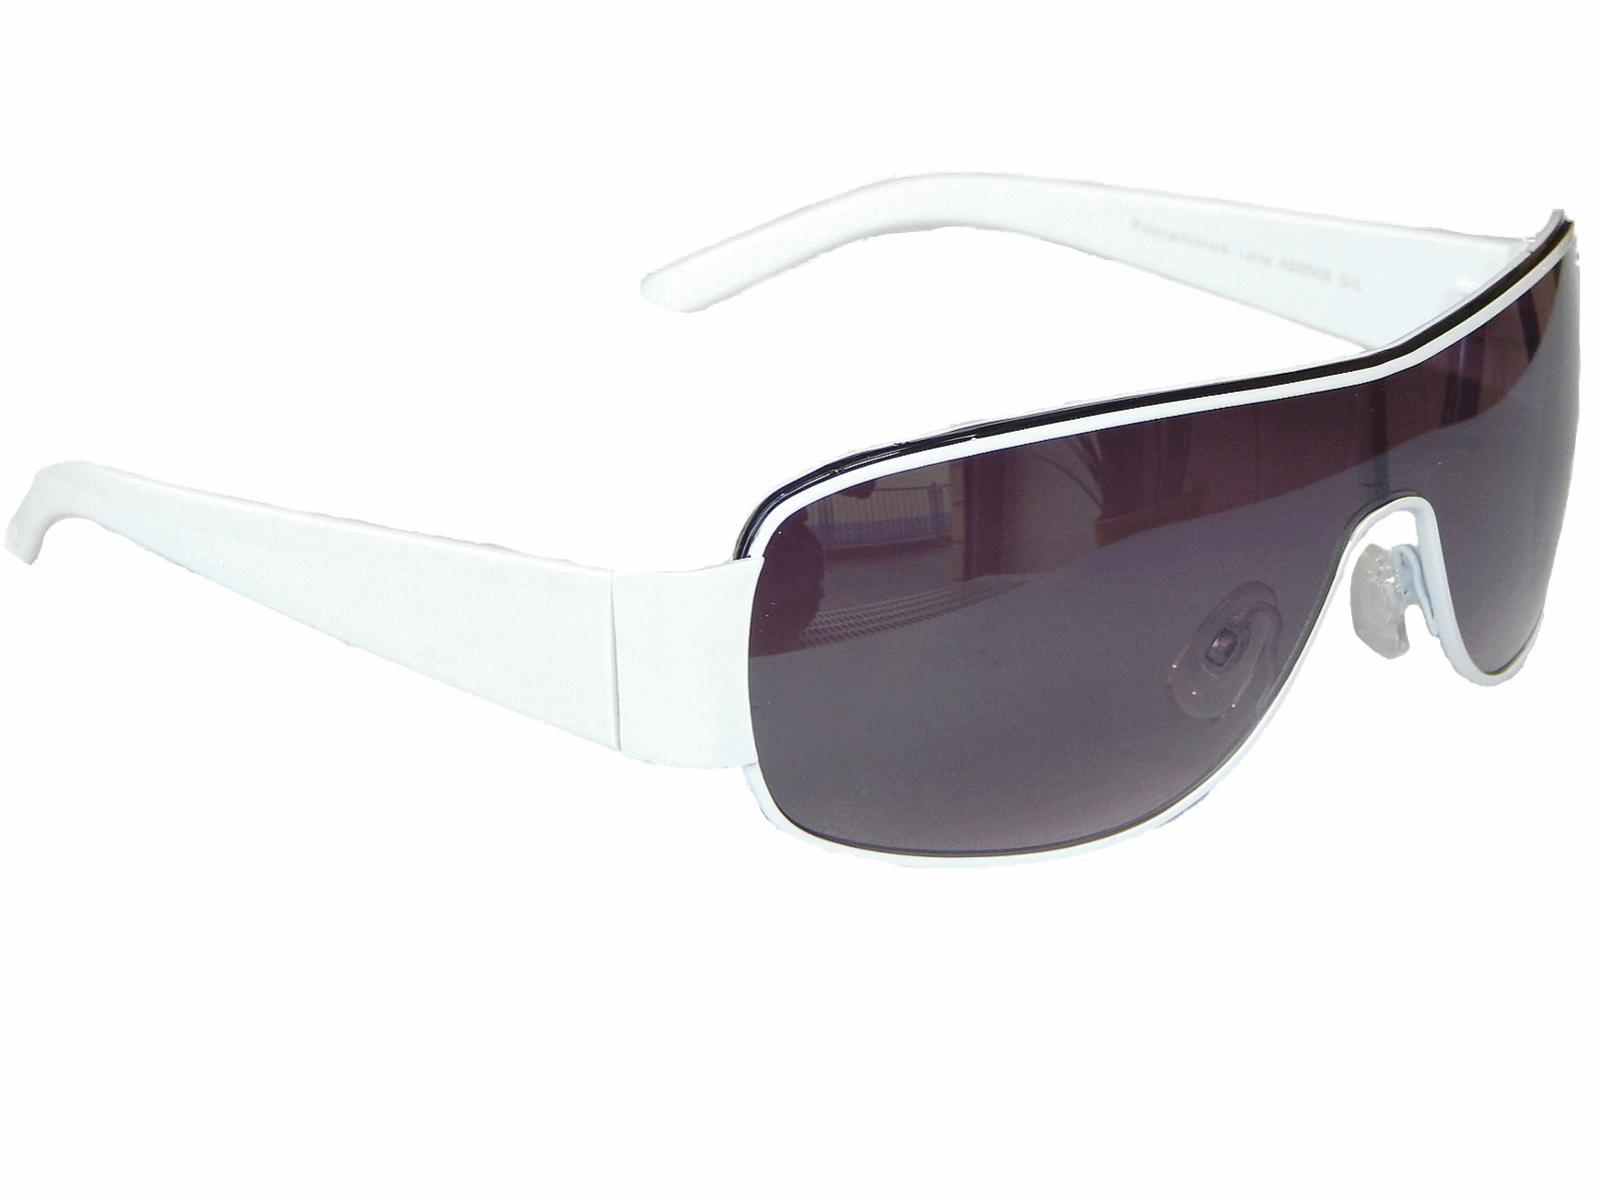 Coole Weiße Sonnenbrille Pilotenbrille Monoglas Sportlicher Damen Herren M 5